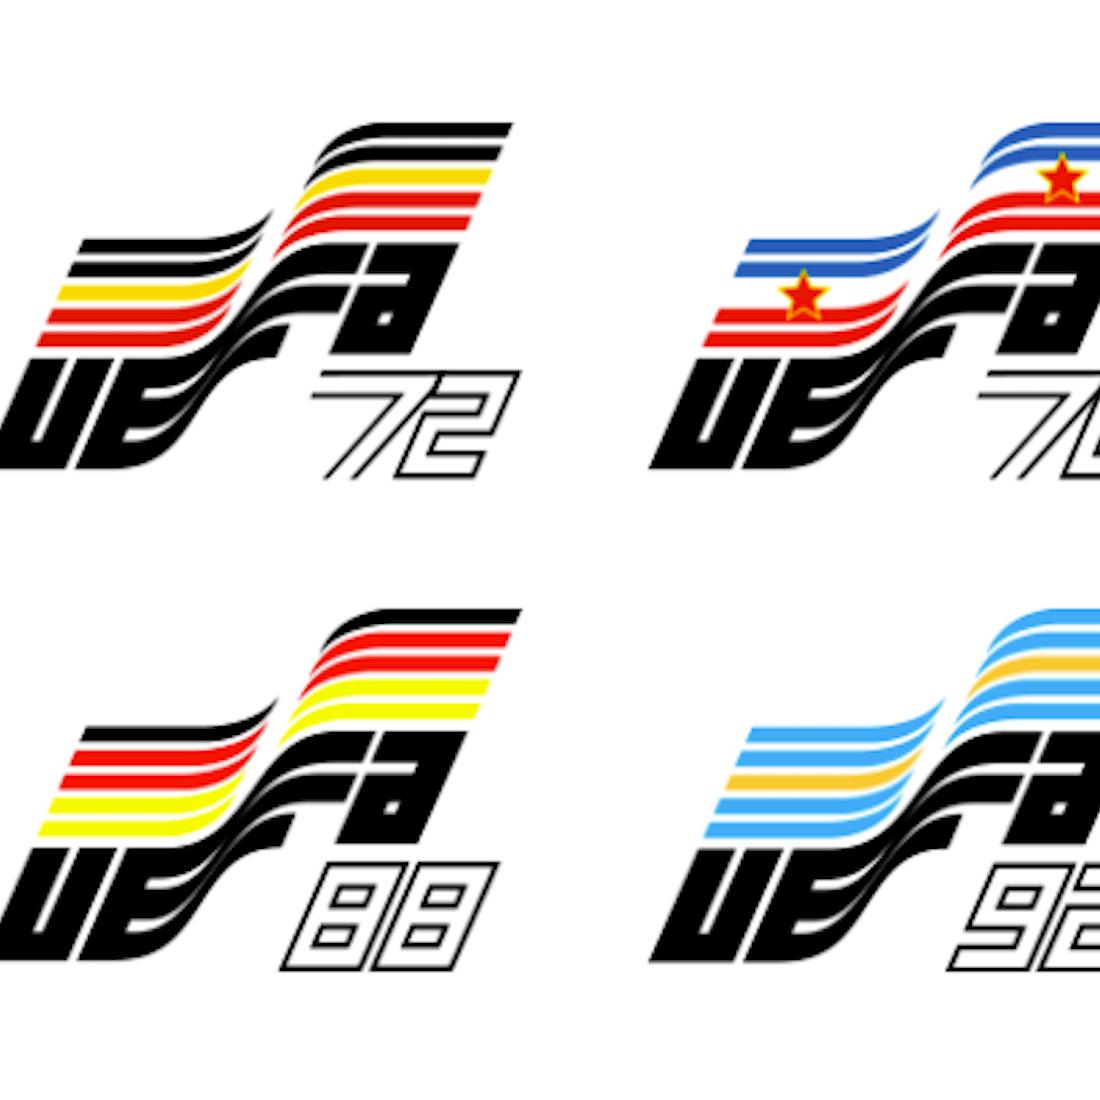 Uefa Logo - Uefa Futsal Champions League Wikipedia : The ...